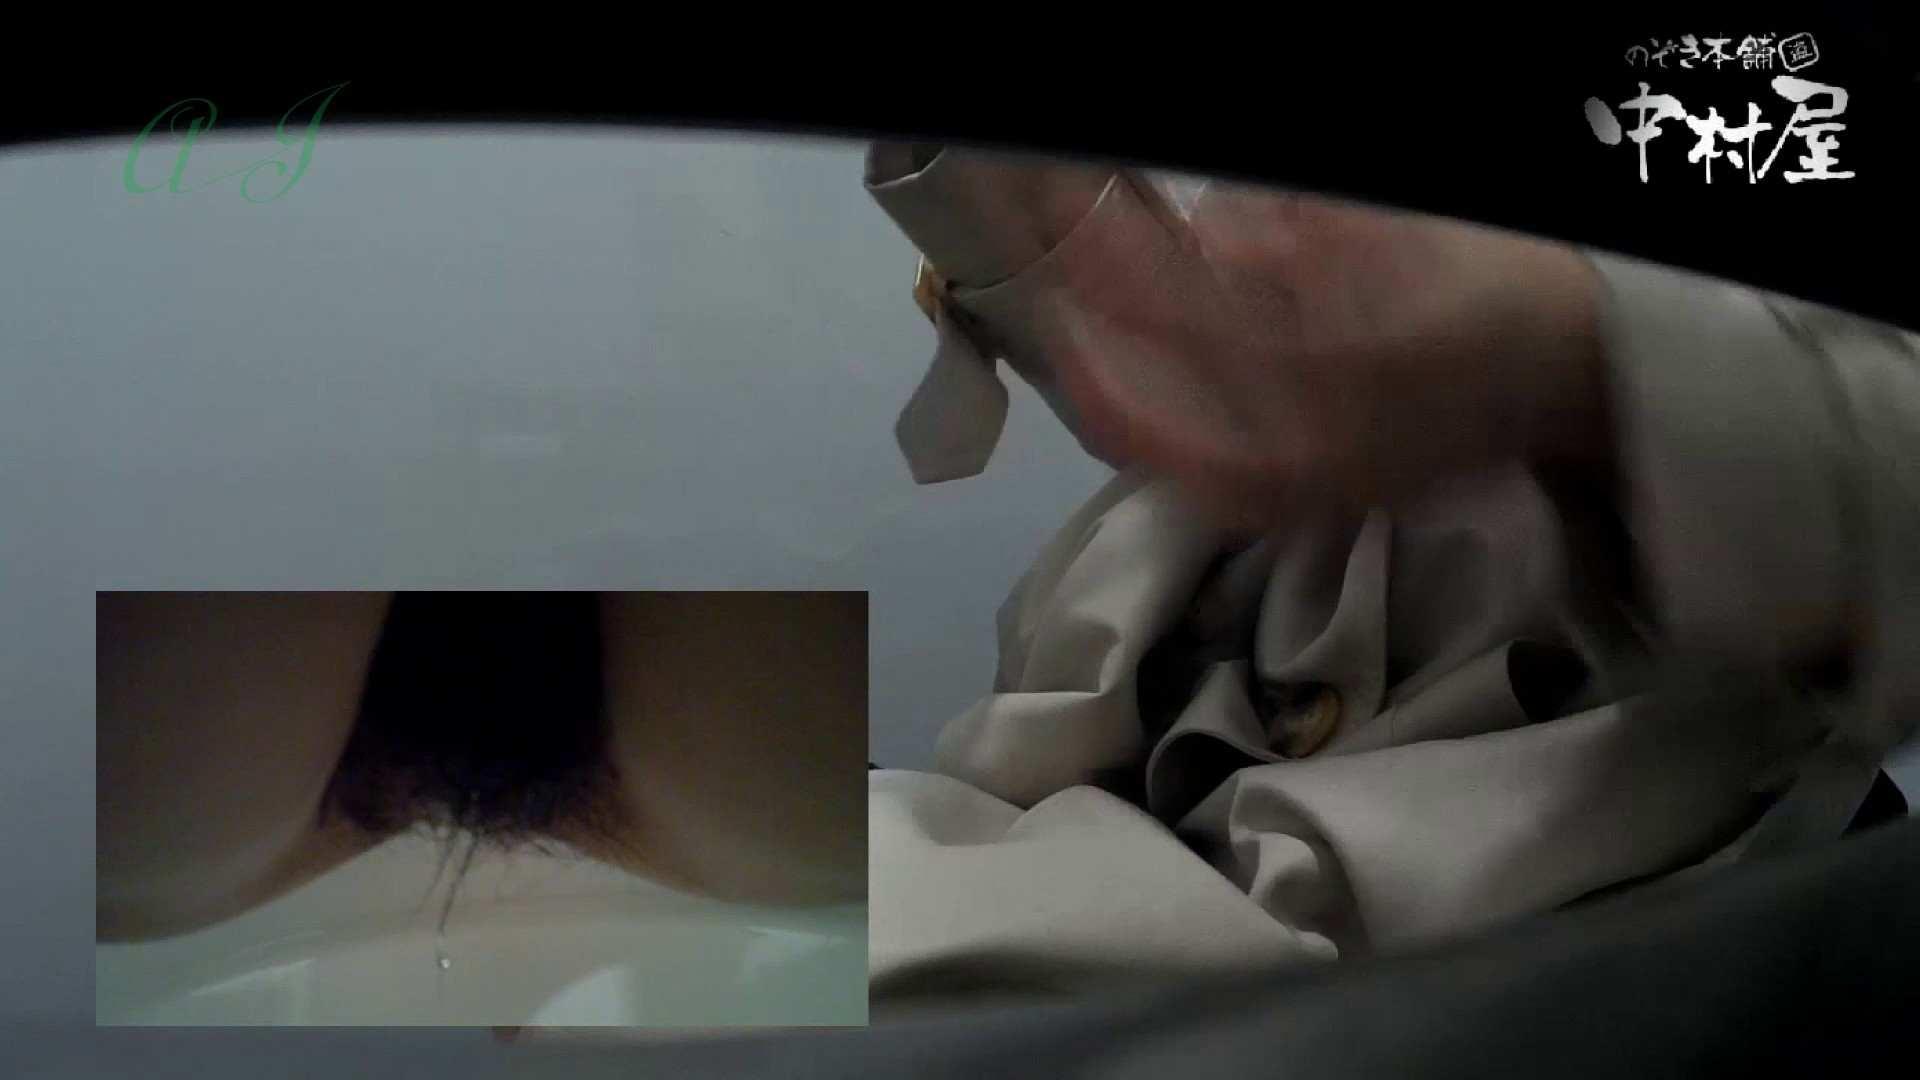 有名大学女性洗面所 vol.60 設置の神です。 OLのエロ生活 オメコ無修正動画無料 64連発 52